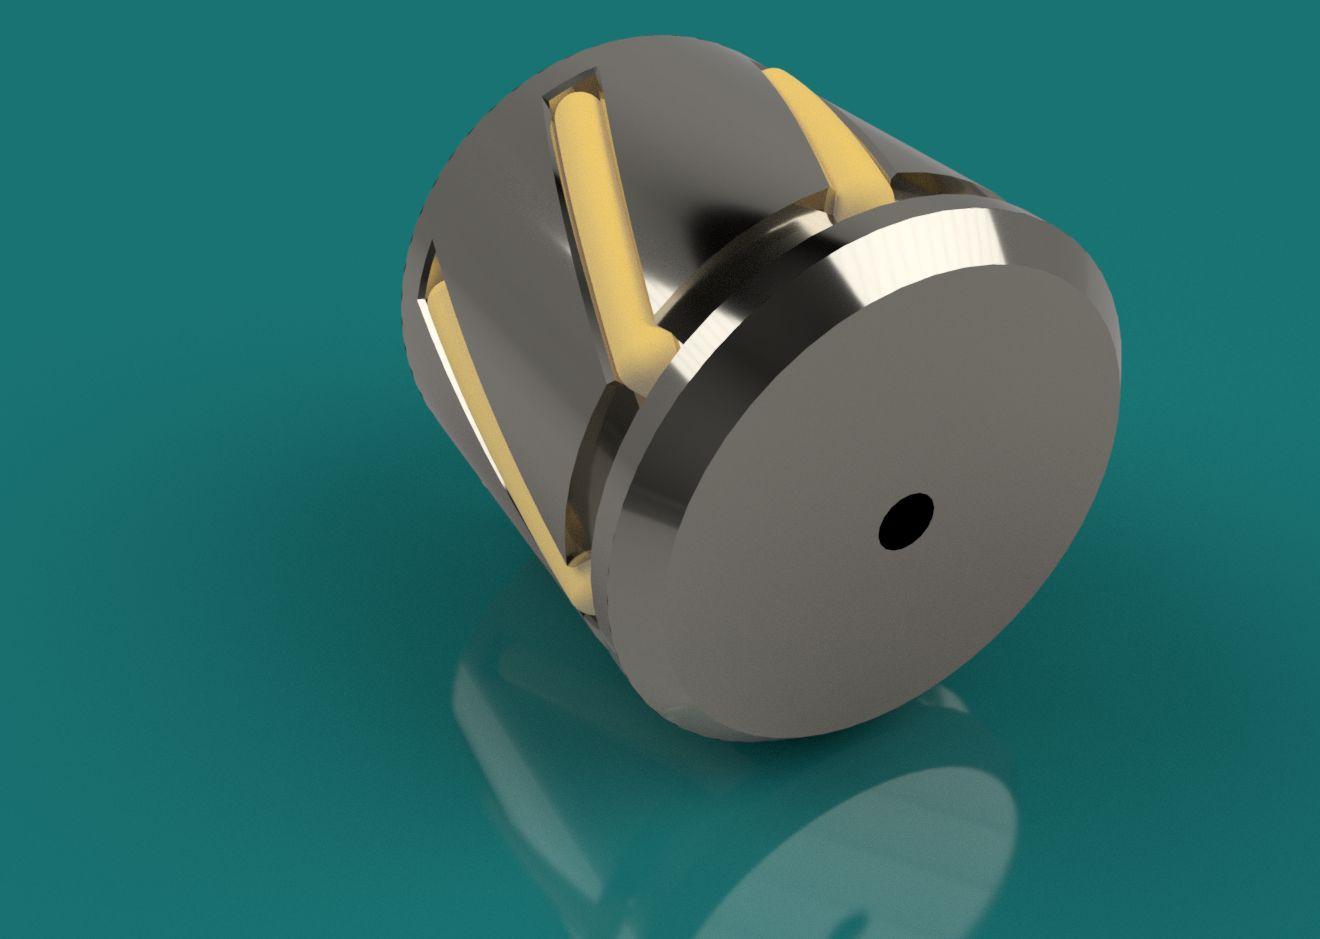 Rolling-the-roller-v1-v2d-3500-3500